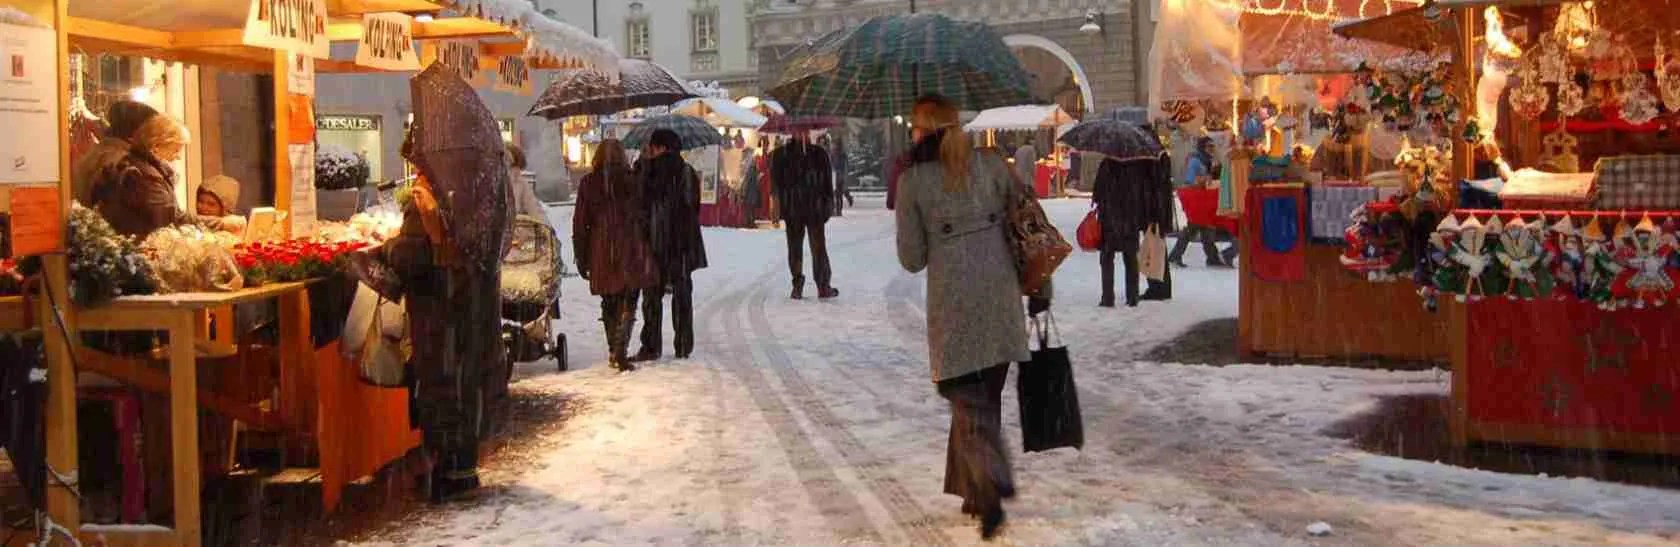 Una passeggiata con una escort Bolzano tra i Mercatini di Natale della città di Bolzano